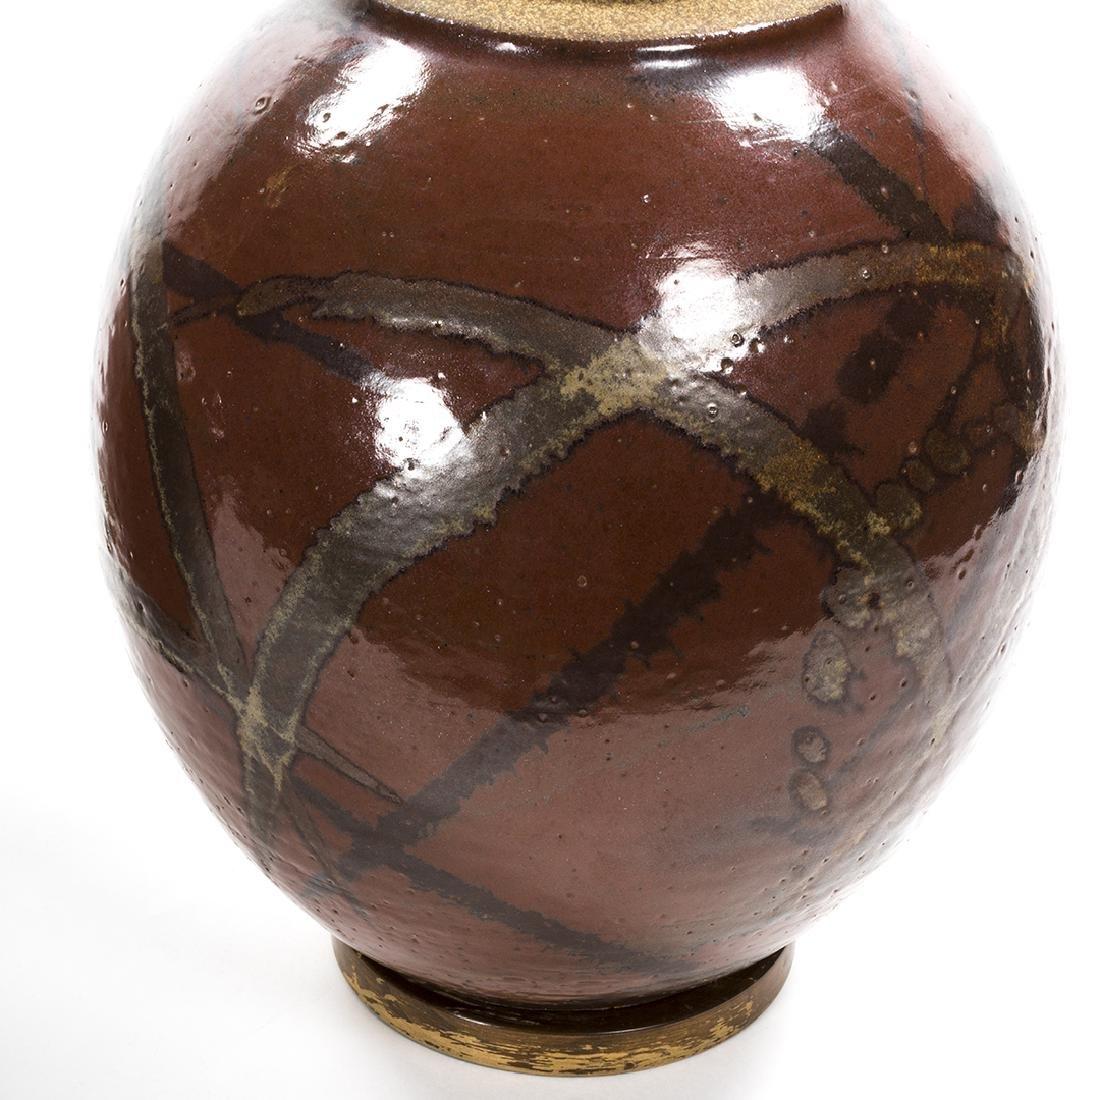 Brent Bennett Stoneware Lamps (2) - 2